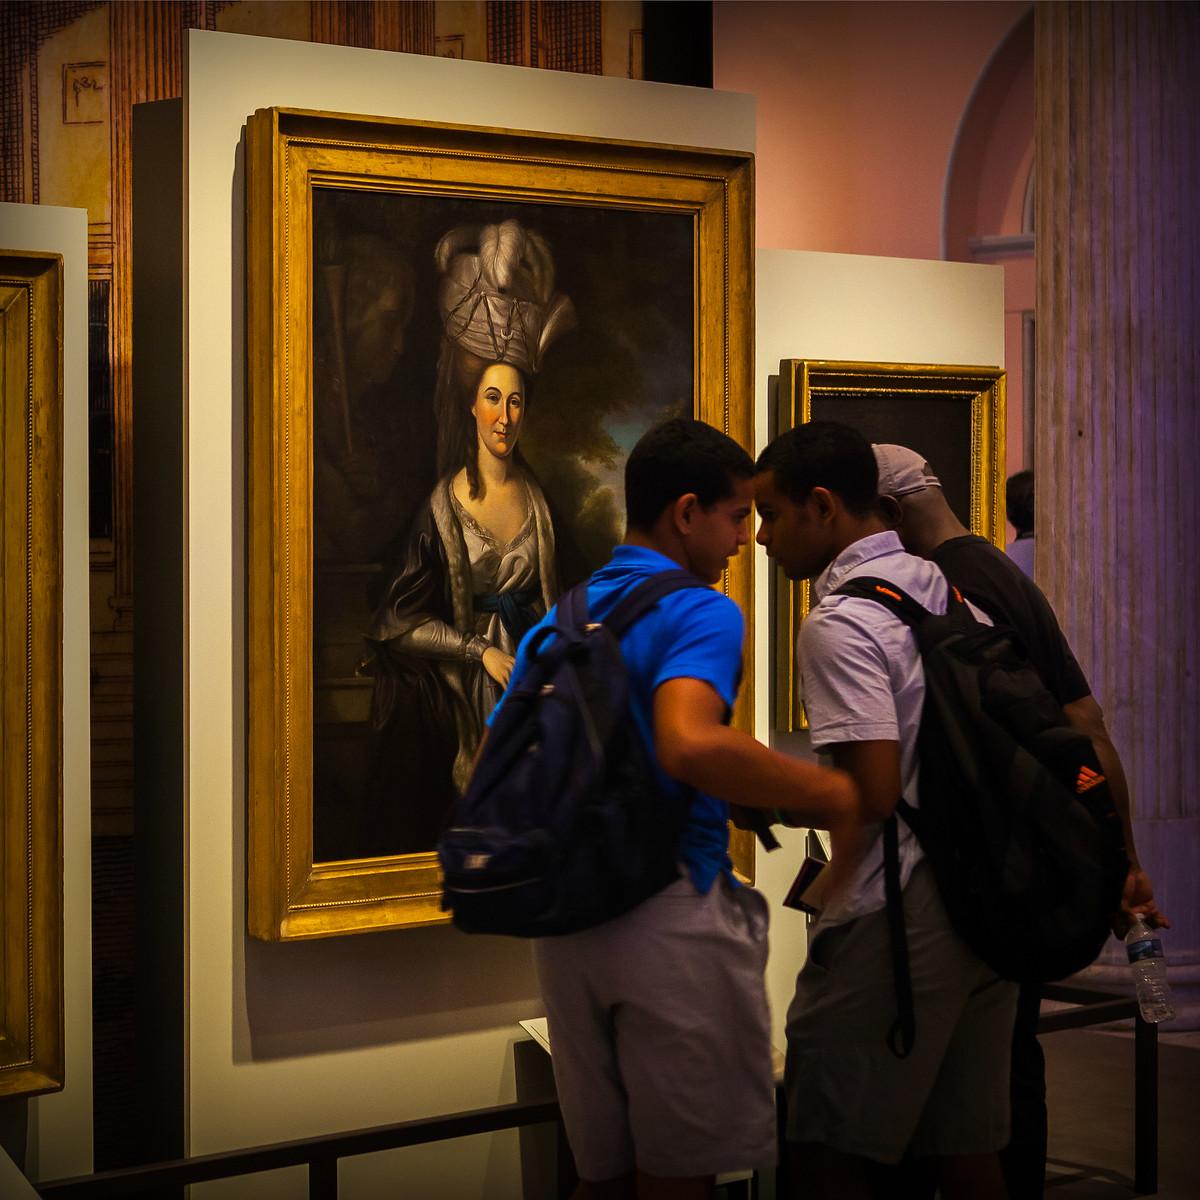 费城独立肖像馆,翻开历史那一页_图1-8